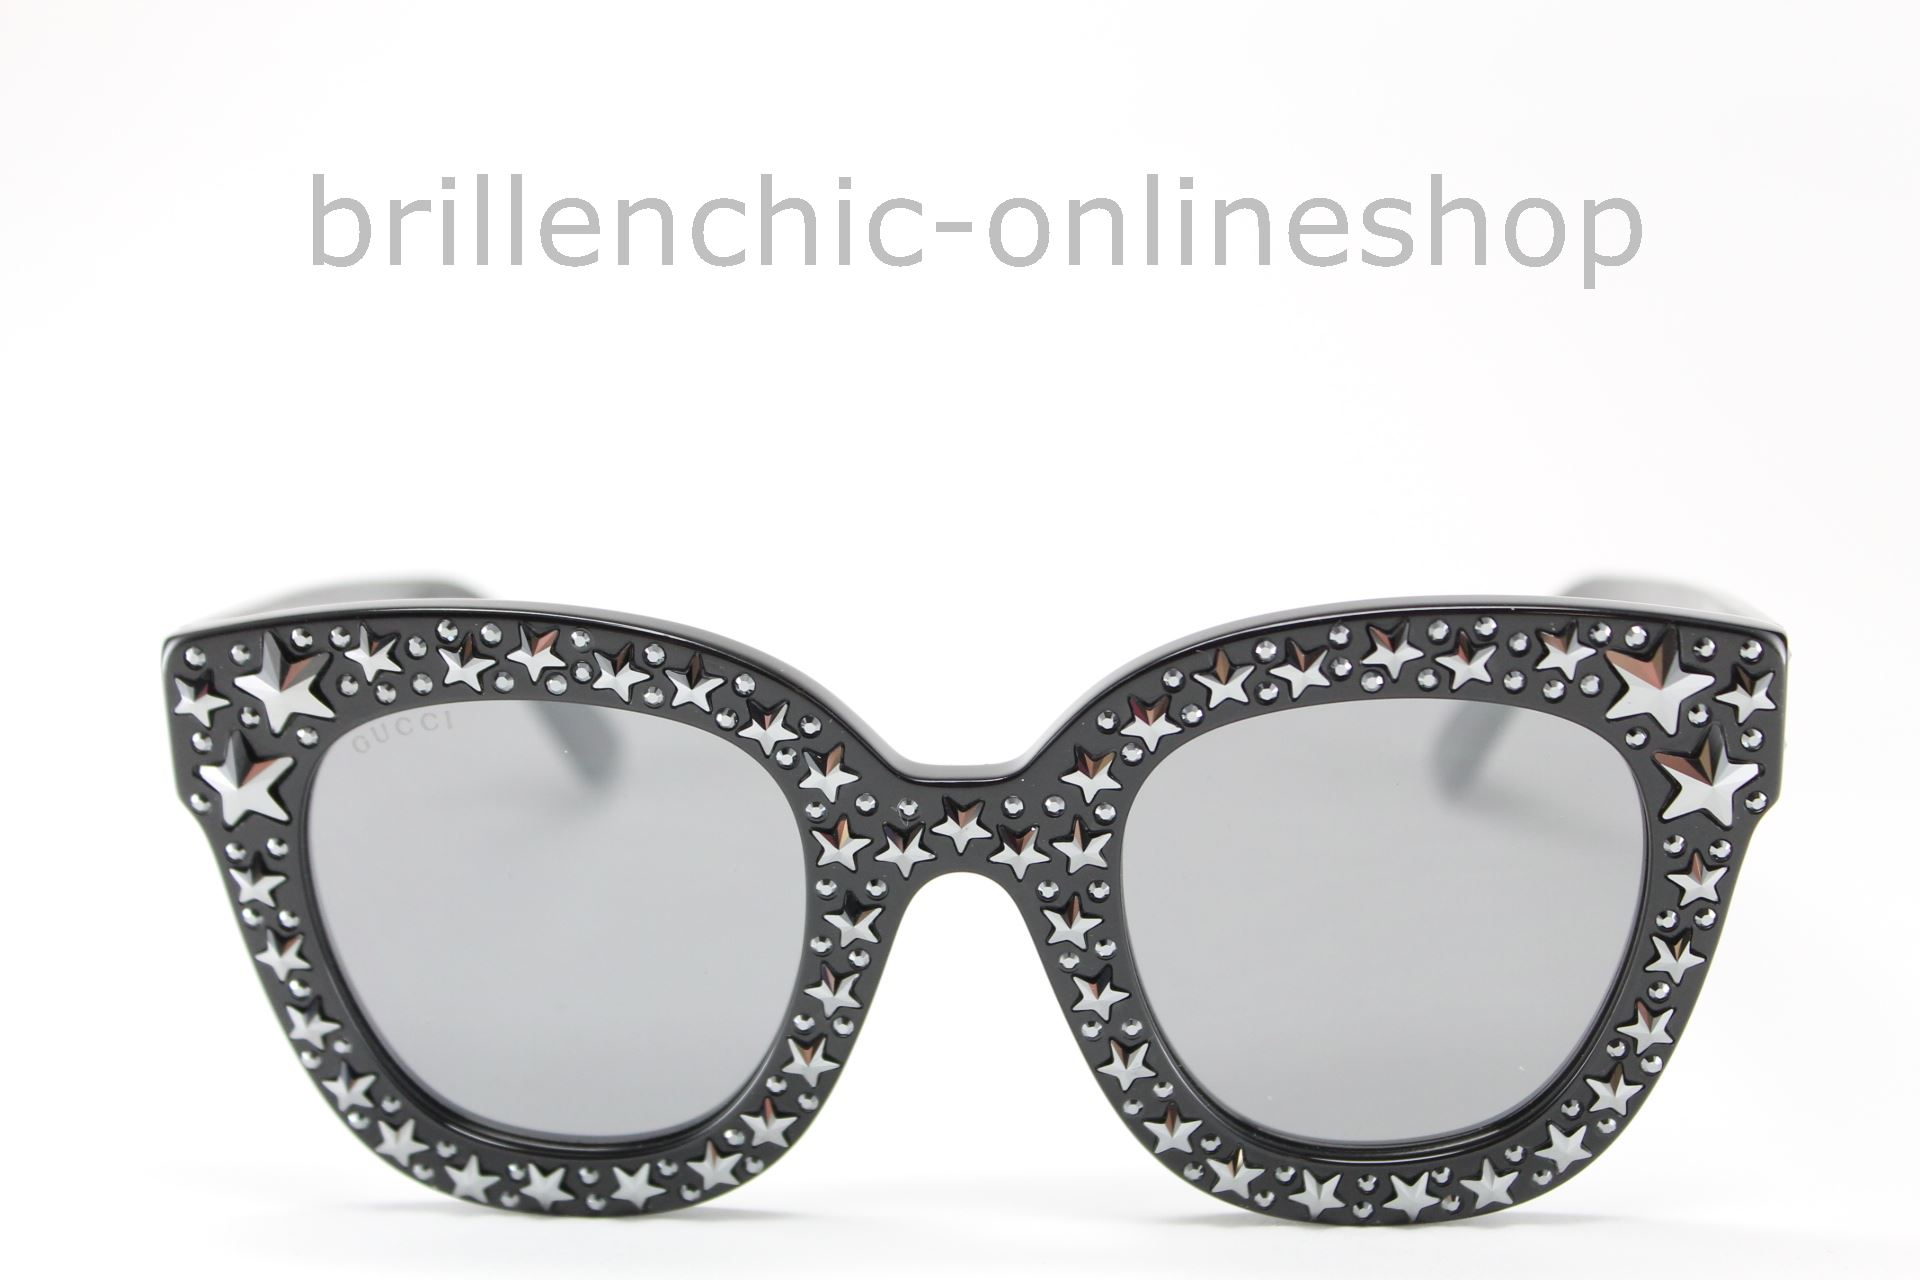 a408f6ff514 Brillenchic - onlineshop Berlin Ihr starker Partner für exklusive Brillen  online kaufen GUCCI GG 0116S 116 002 exklusiv im Brillenchic-Onlinesh